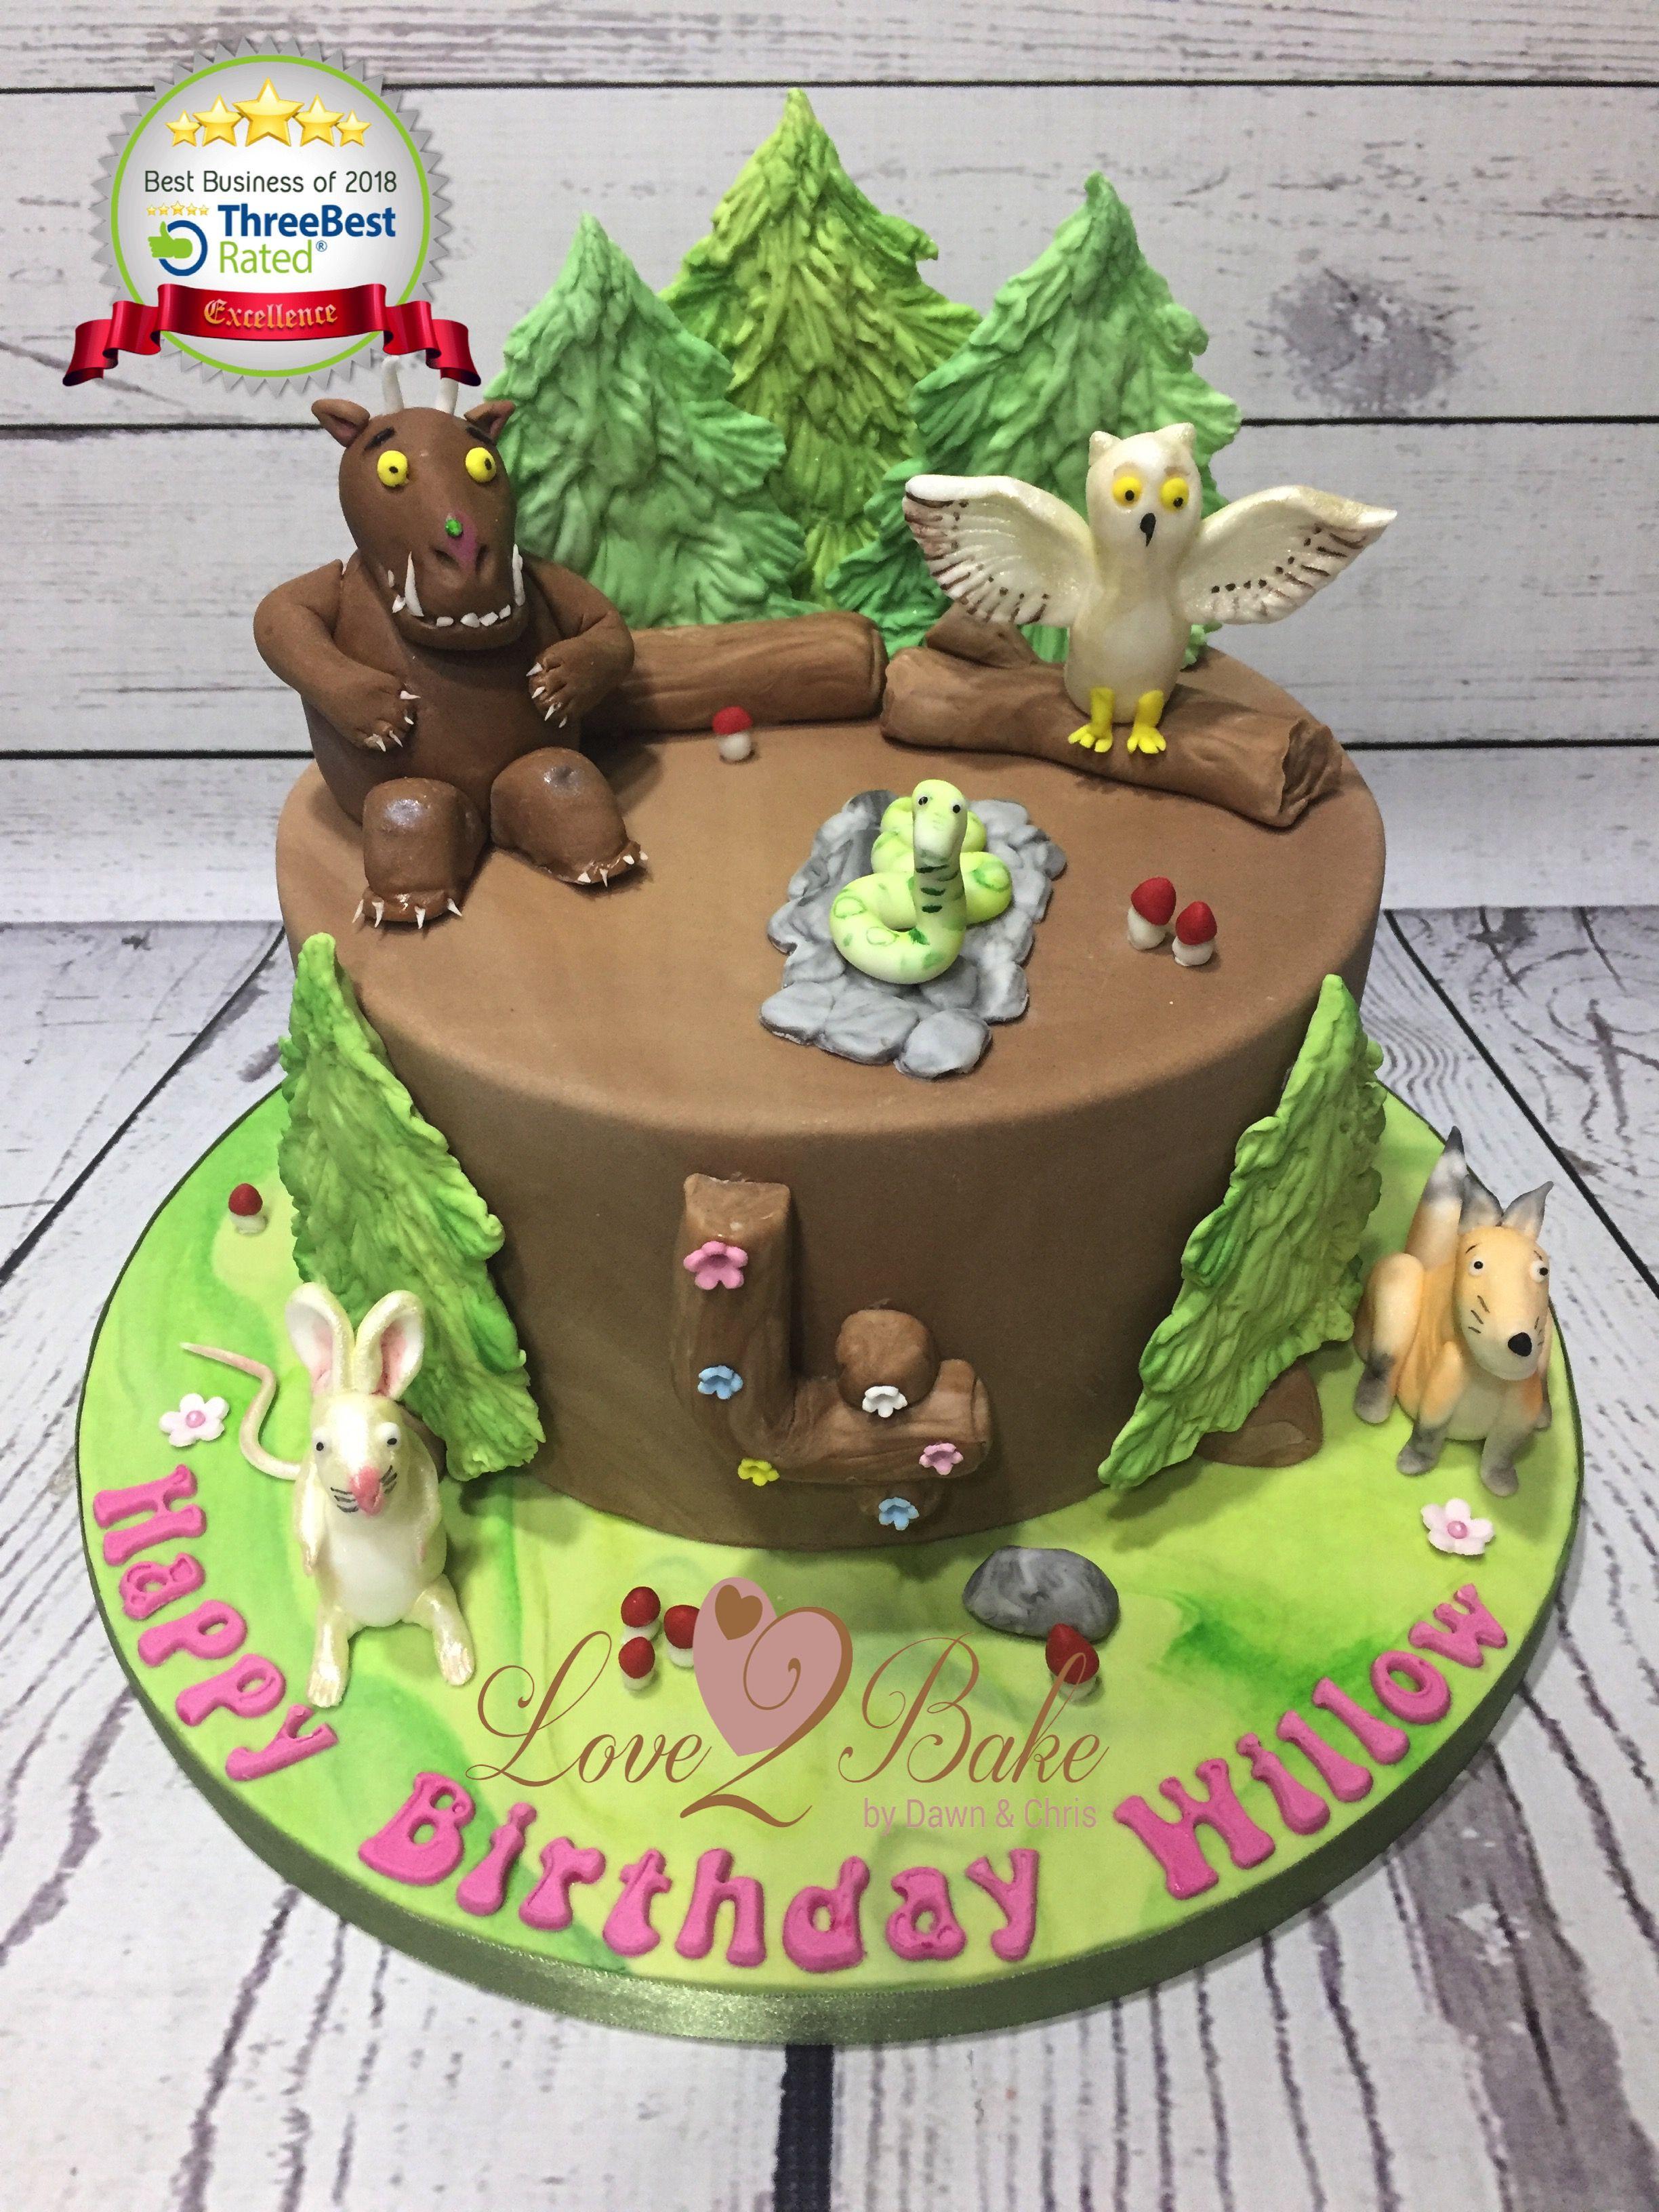 Gruffalo Cake By Love2bake Feb 2018 Love2bake Cakes Pinterest